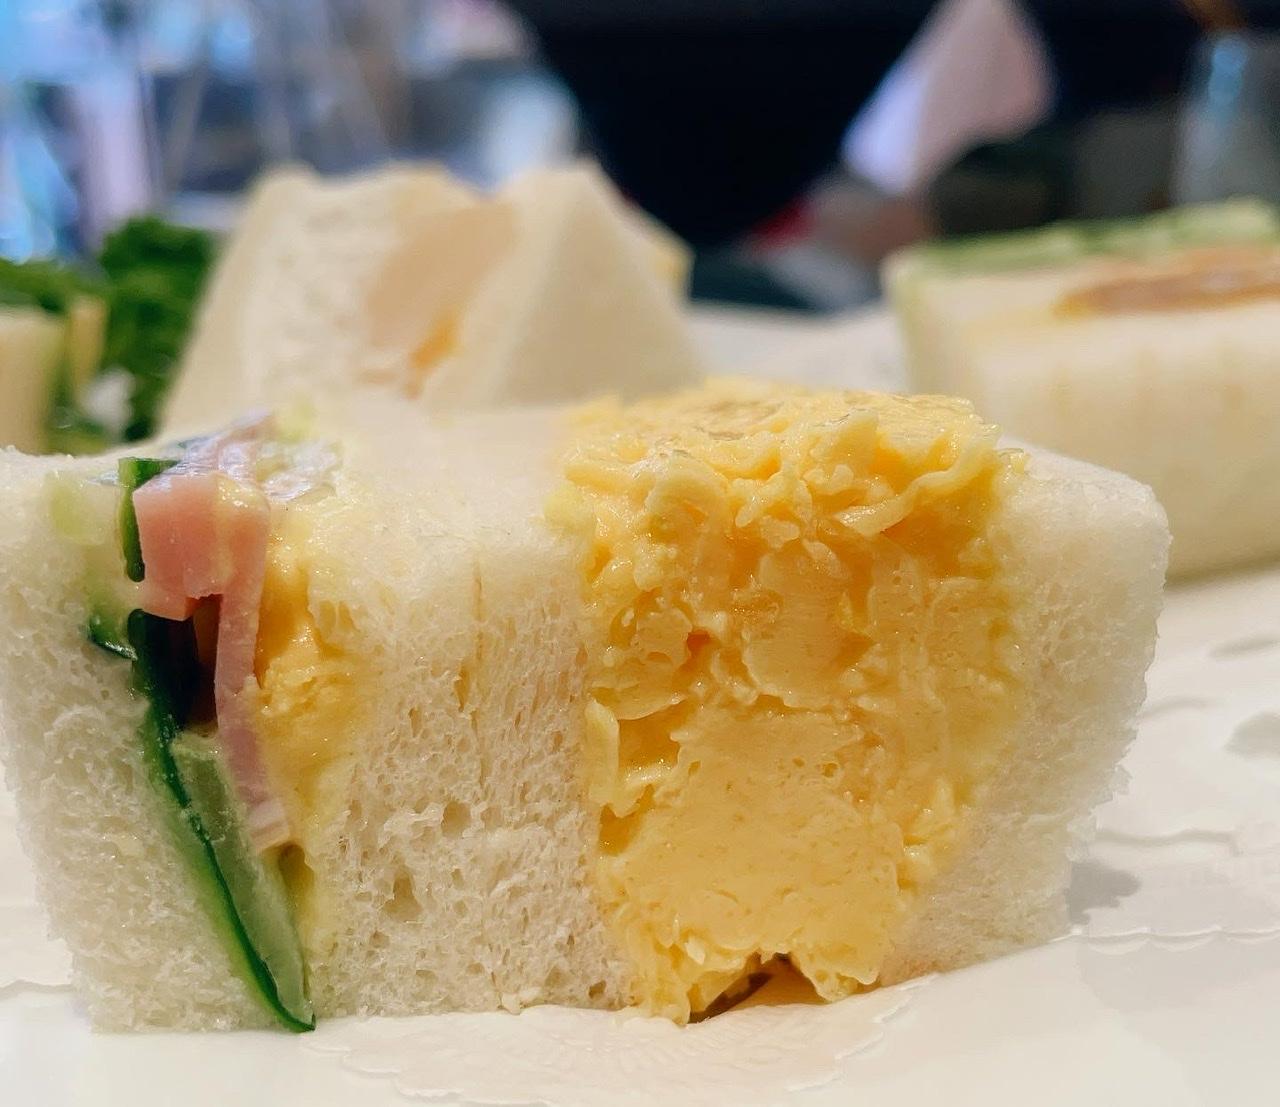 《ふわトロすぎ…》ぷるぷる卵サンドが名物の老舗サンドイッチ店@ルマン_1